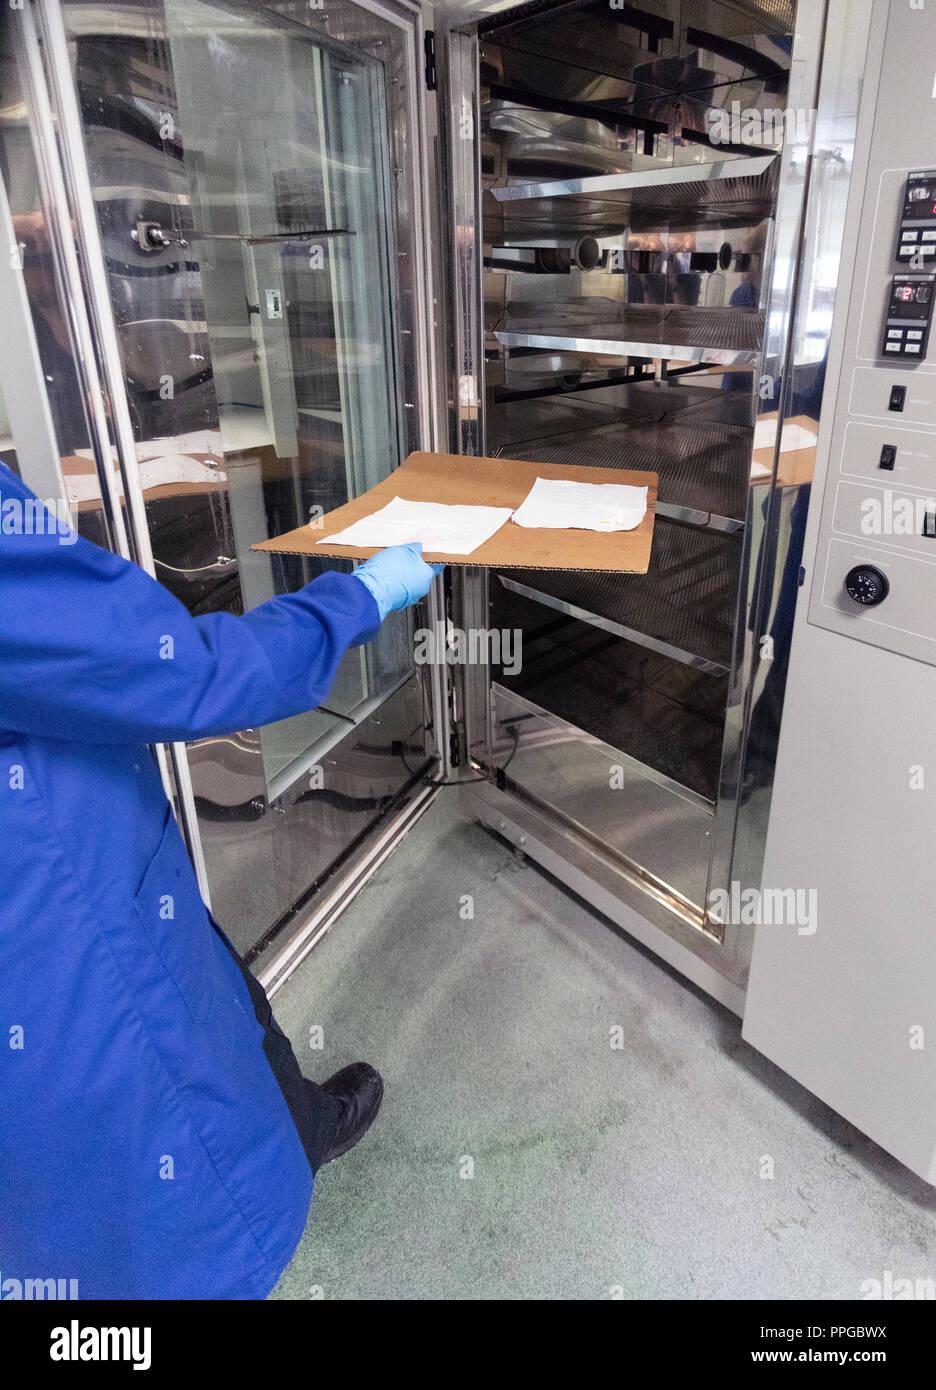 Agent de laboratoire judiciaire papier poreux pour l'examen des empreintes latentes à l'aide de la ninhydrine chimiques dans le cadre de l'examen séquentiel Photo Stock